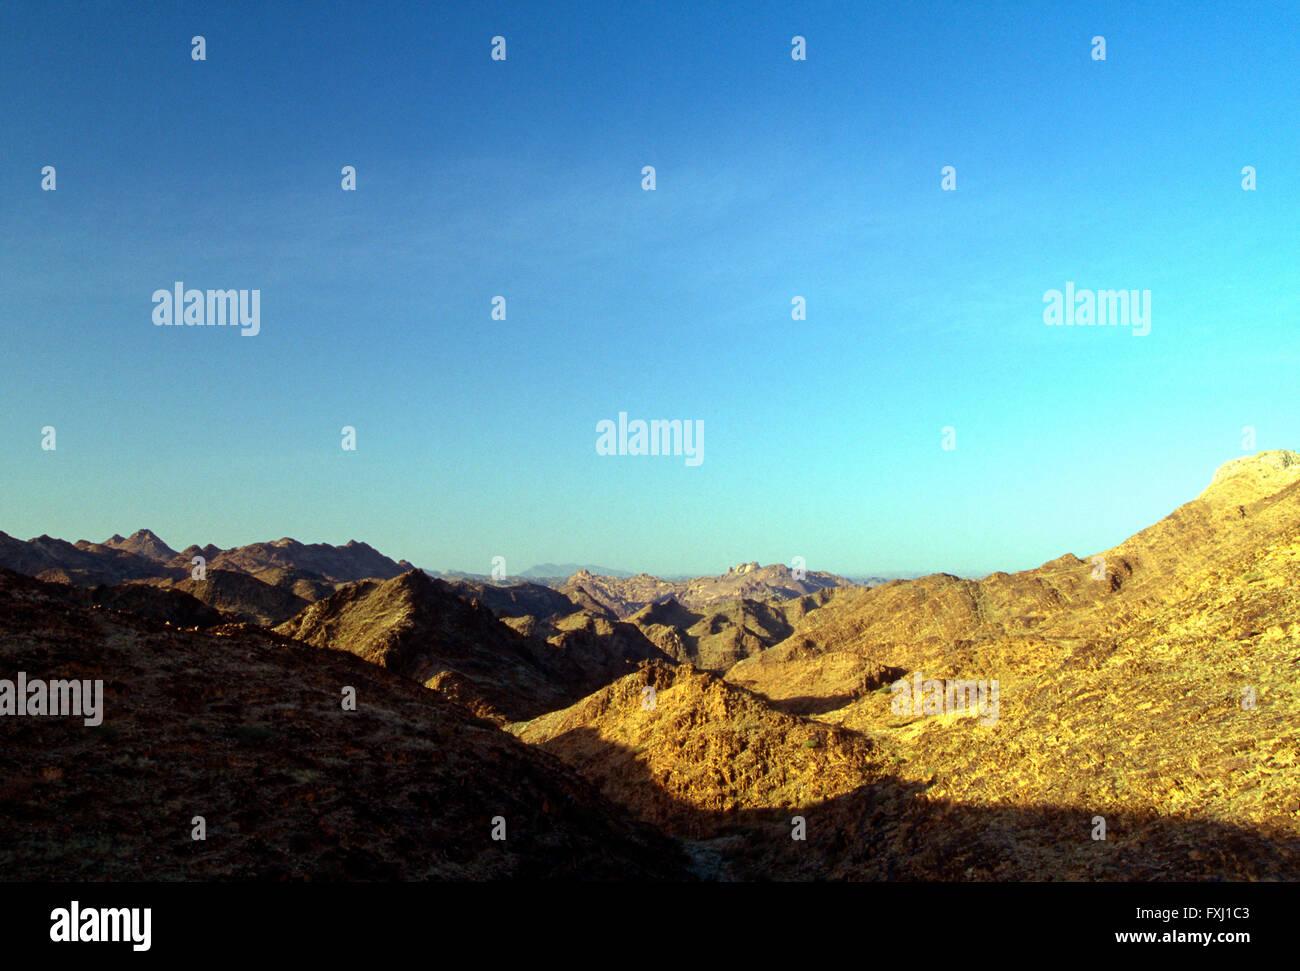 Paisaje desértico cerca Bishah, Reino de Arabia Saudita Imagen De Stock